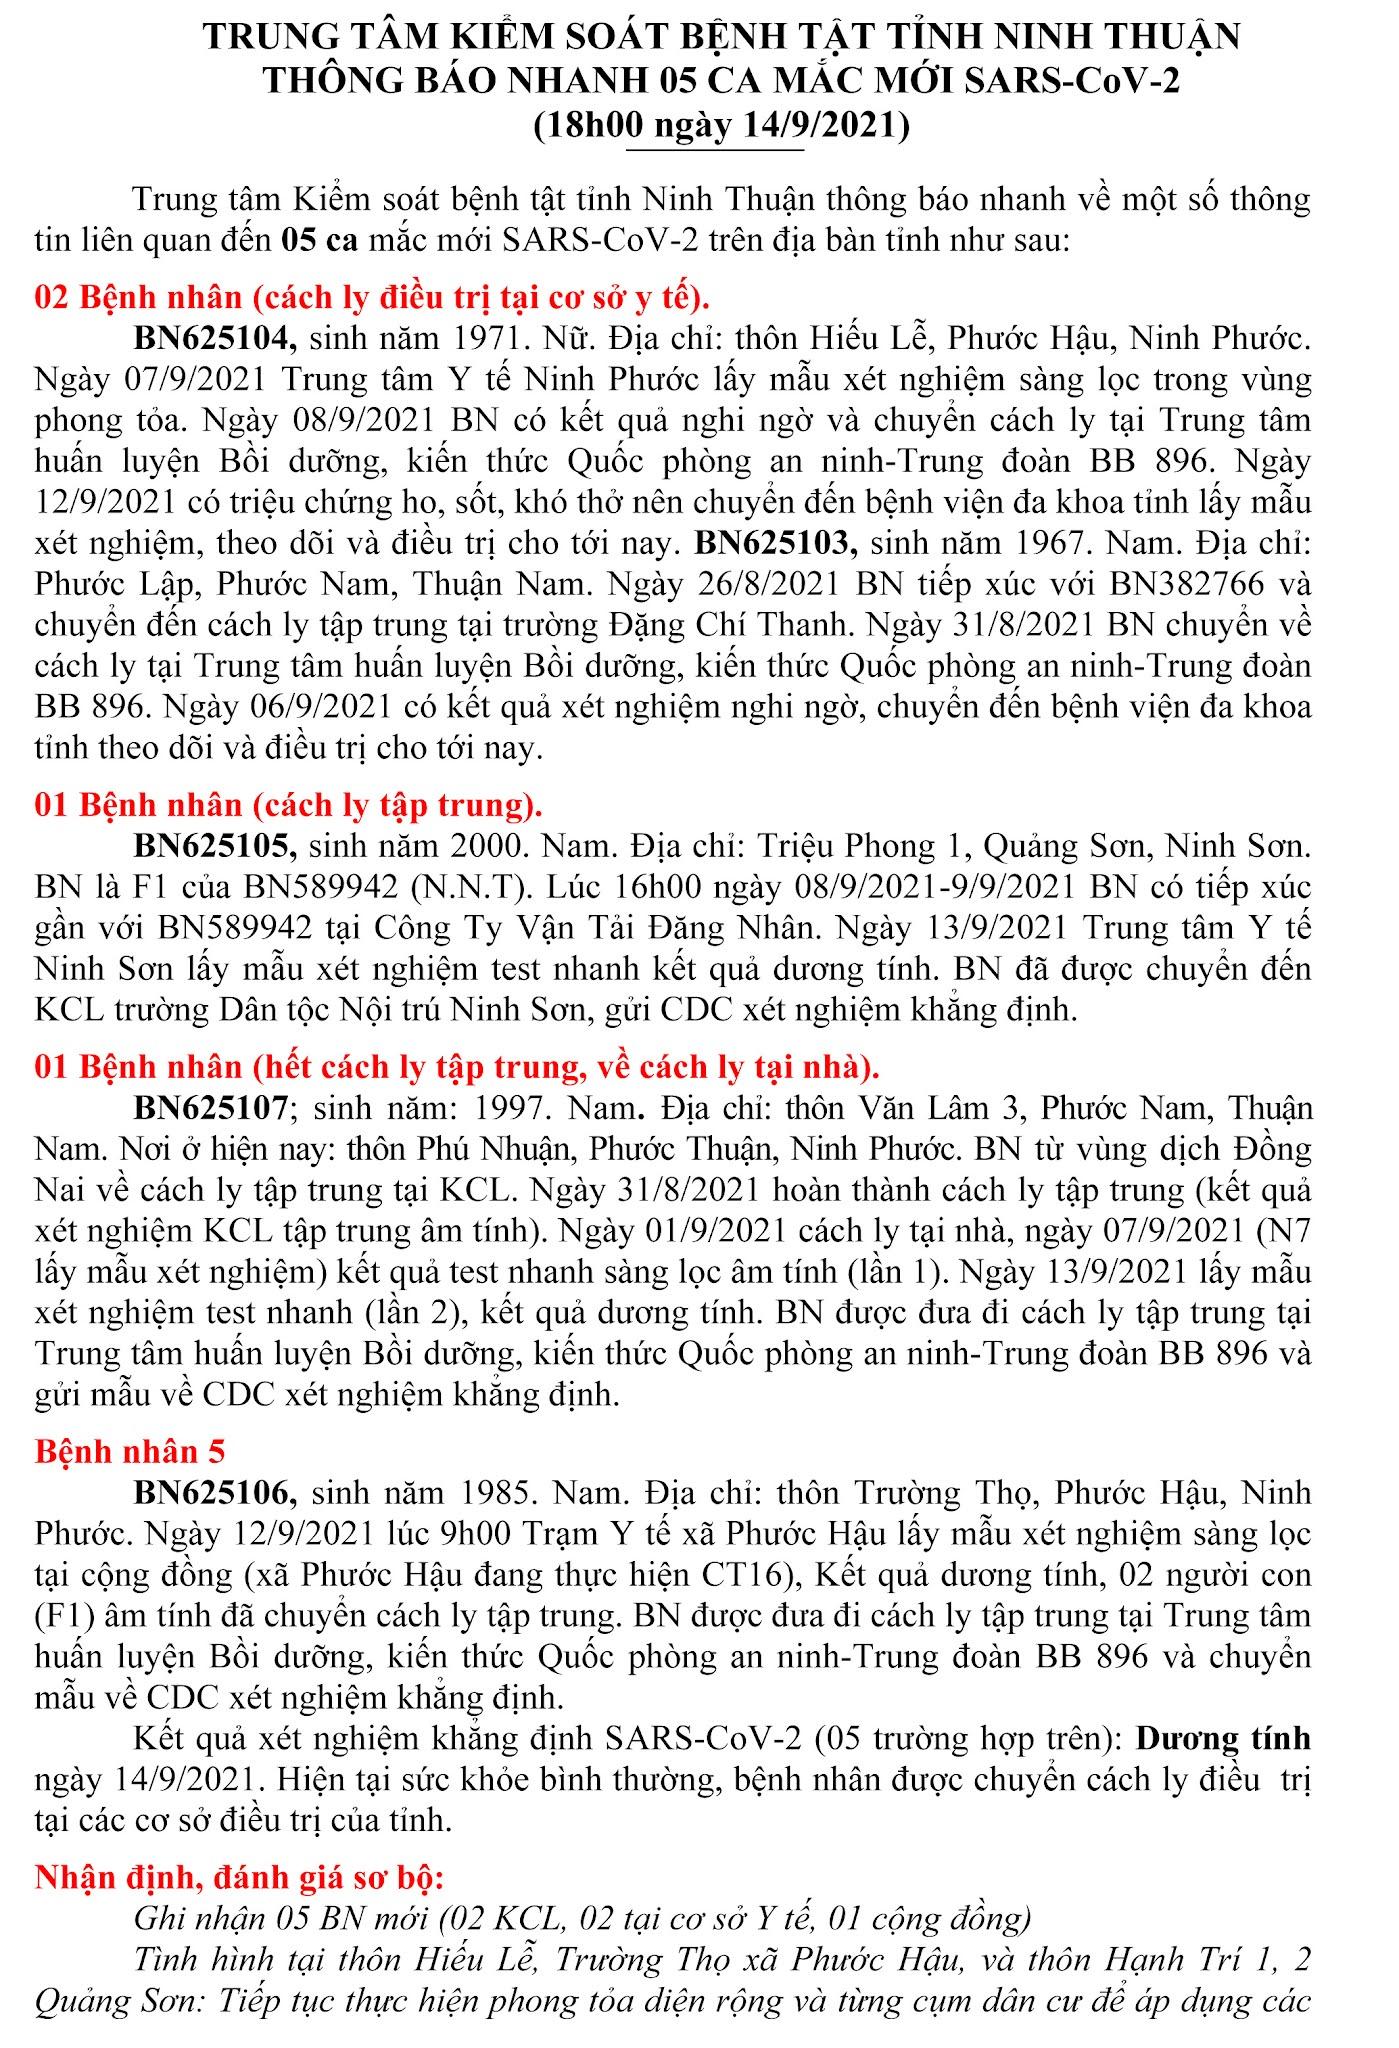 Ngày 14-9 Ninh Thuận ghi nhận 5 ca mắc Covid-19 mới